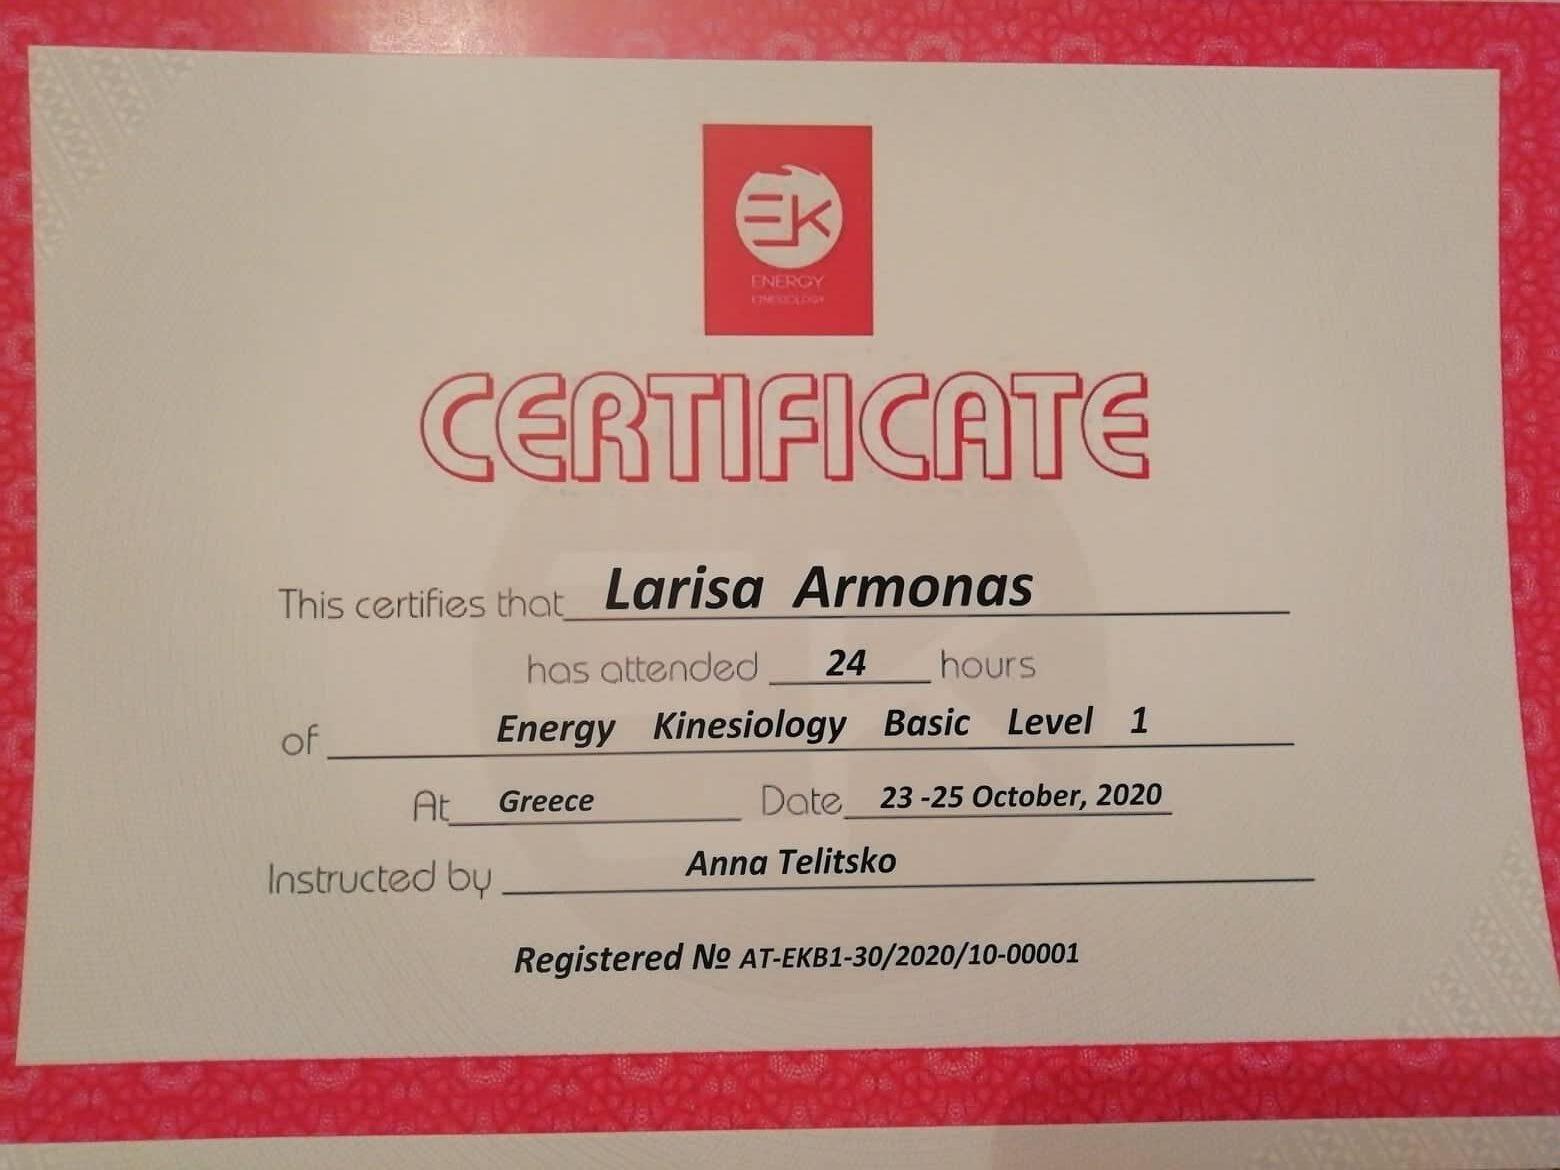 ENERGY KINESIOLOGY BASIC LEVEL 1